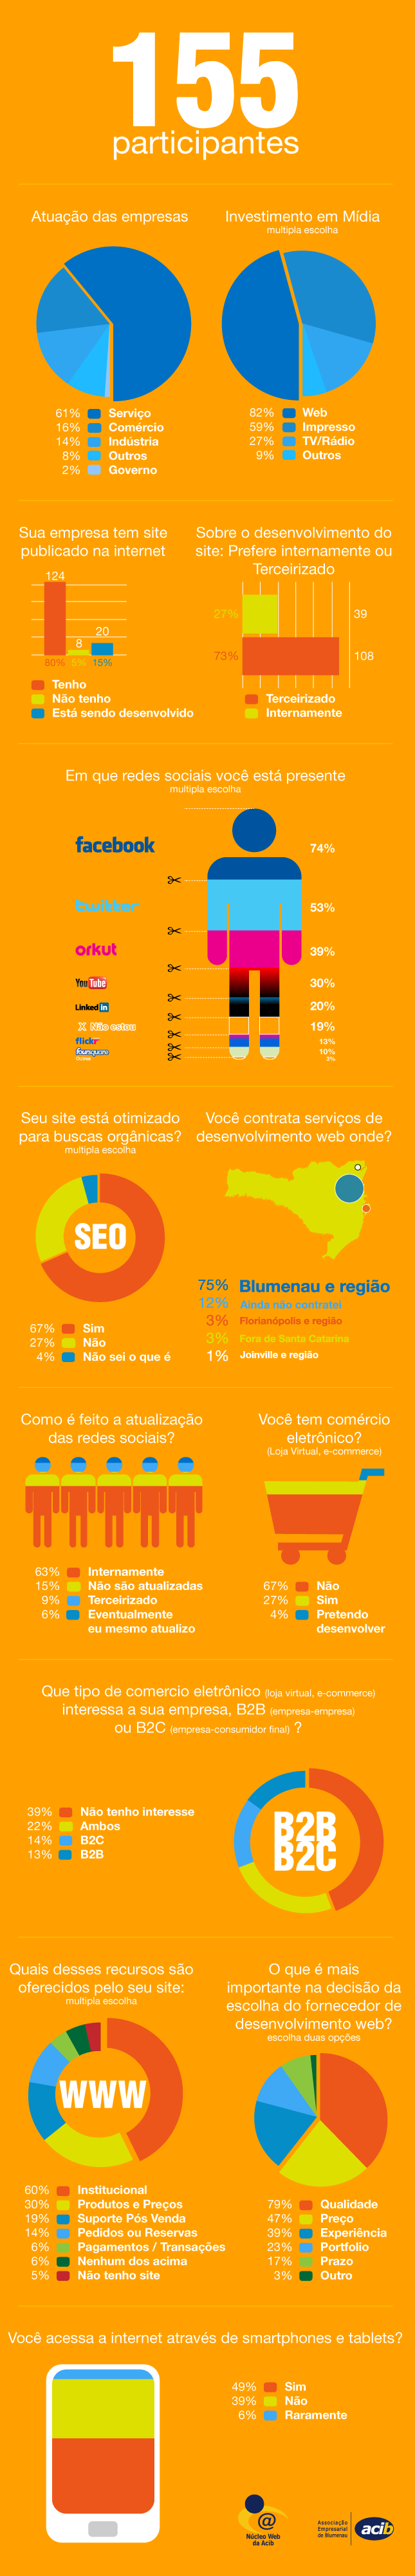 Infográfico – Pesquisa do Núcleo Web revela tendências do mercado em Blumenau e região